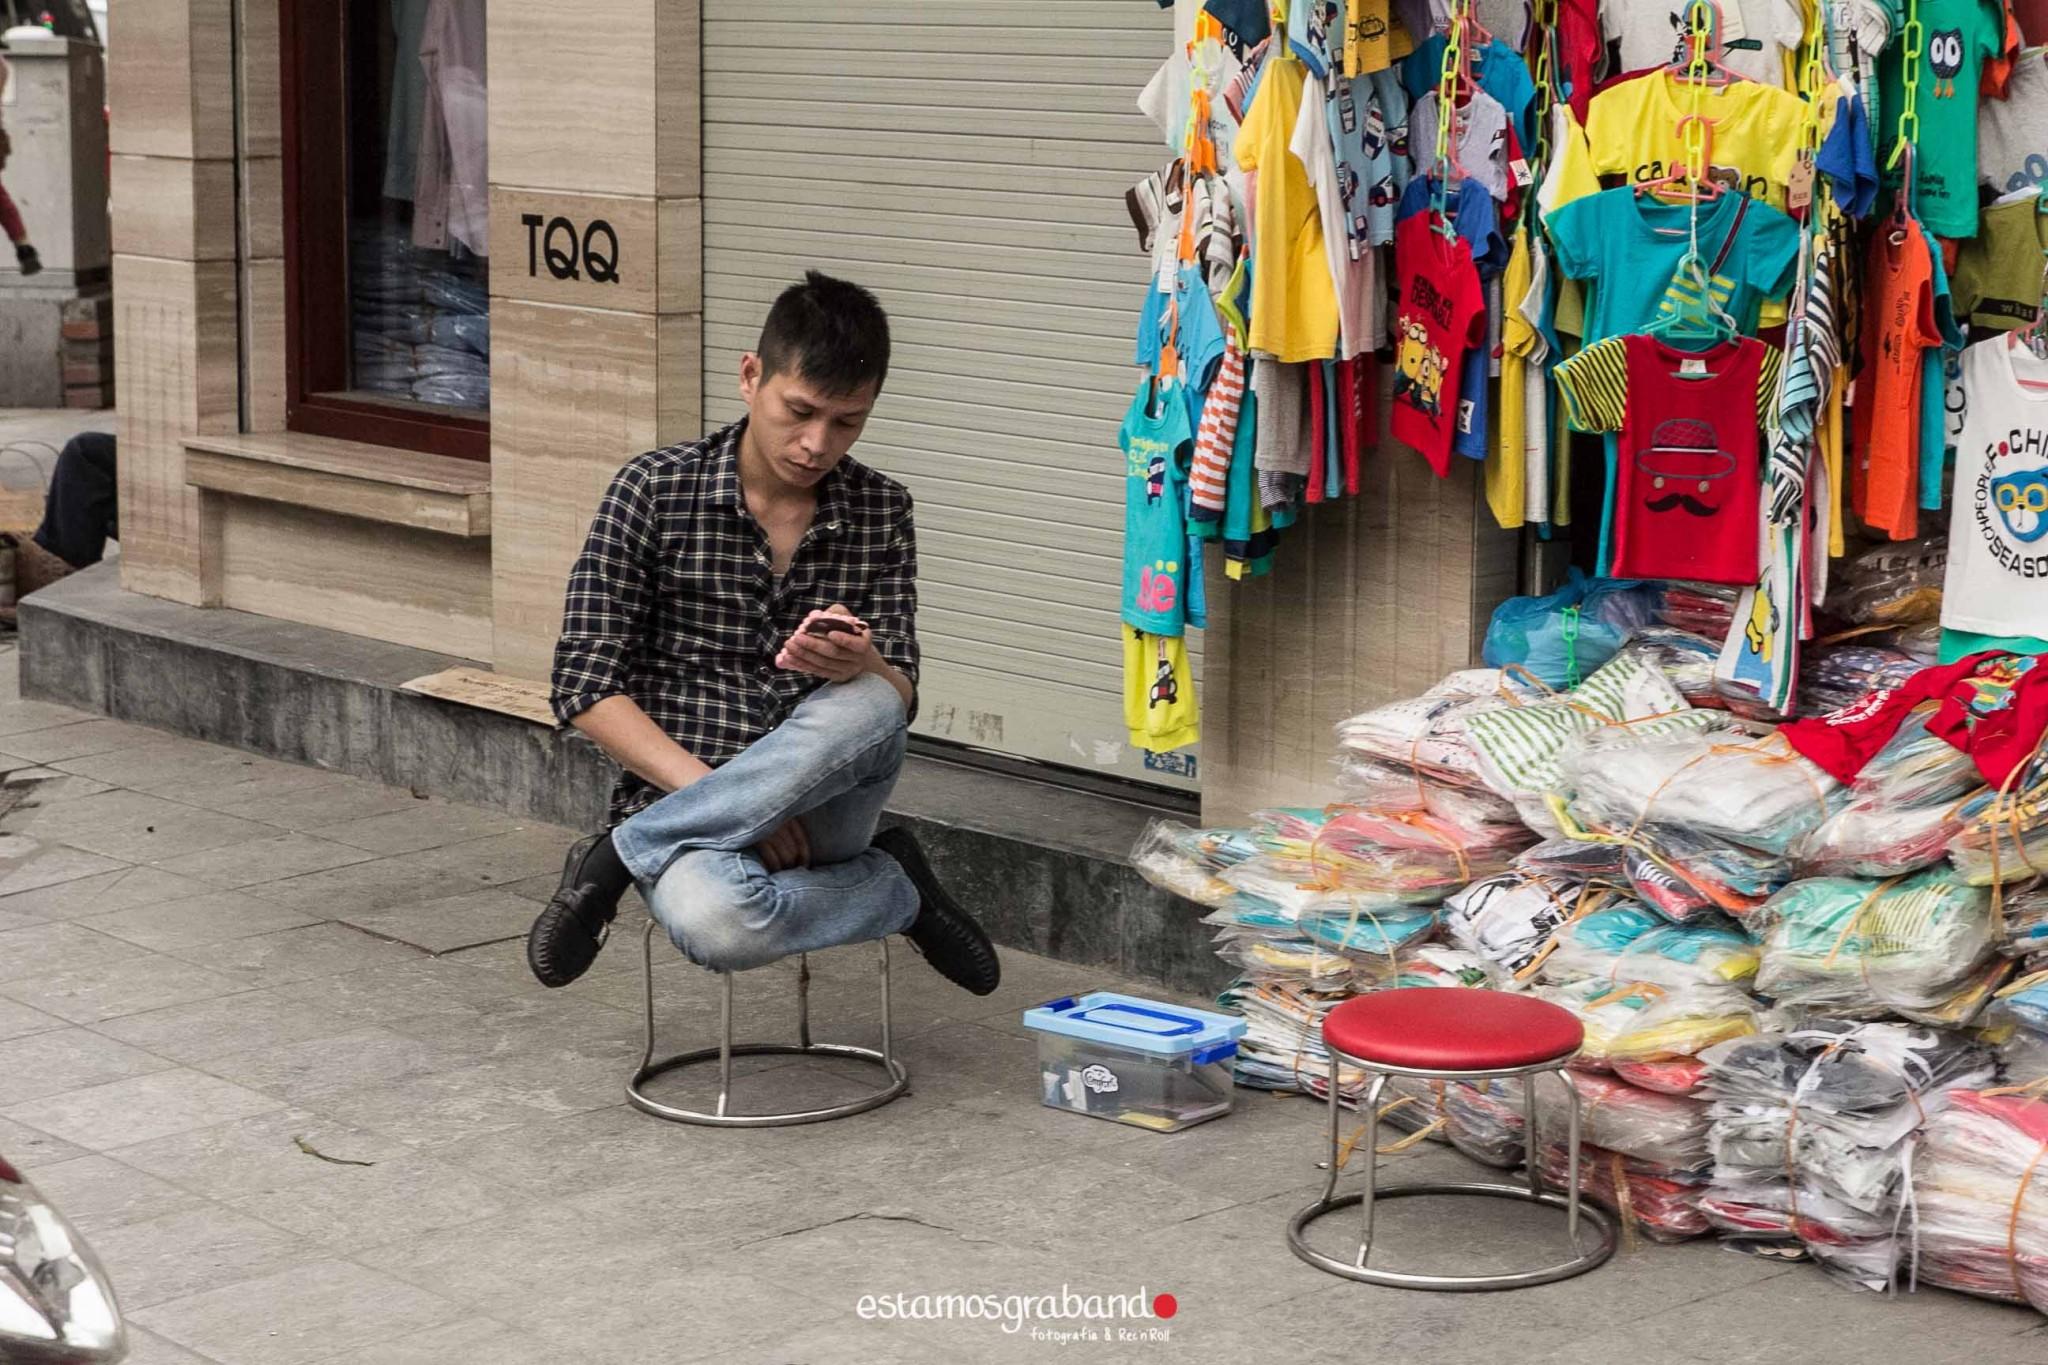 reportaje-vietnam_fotograficc81a-vietnam_estamosgrabando-vietnam_rutasvietnam_reportaje-retratos-fotos-vietnam_fotografia-vietnam_reportaje-estamosgrabando-fotograficc81a-vietnam-70 Pequeños grandes recuerdos de Vietnam en 100 imágenes - video boda cadiz